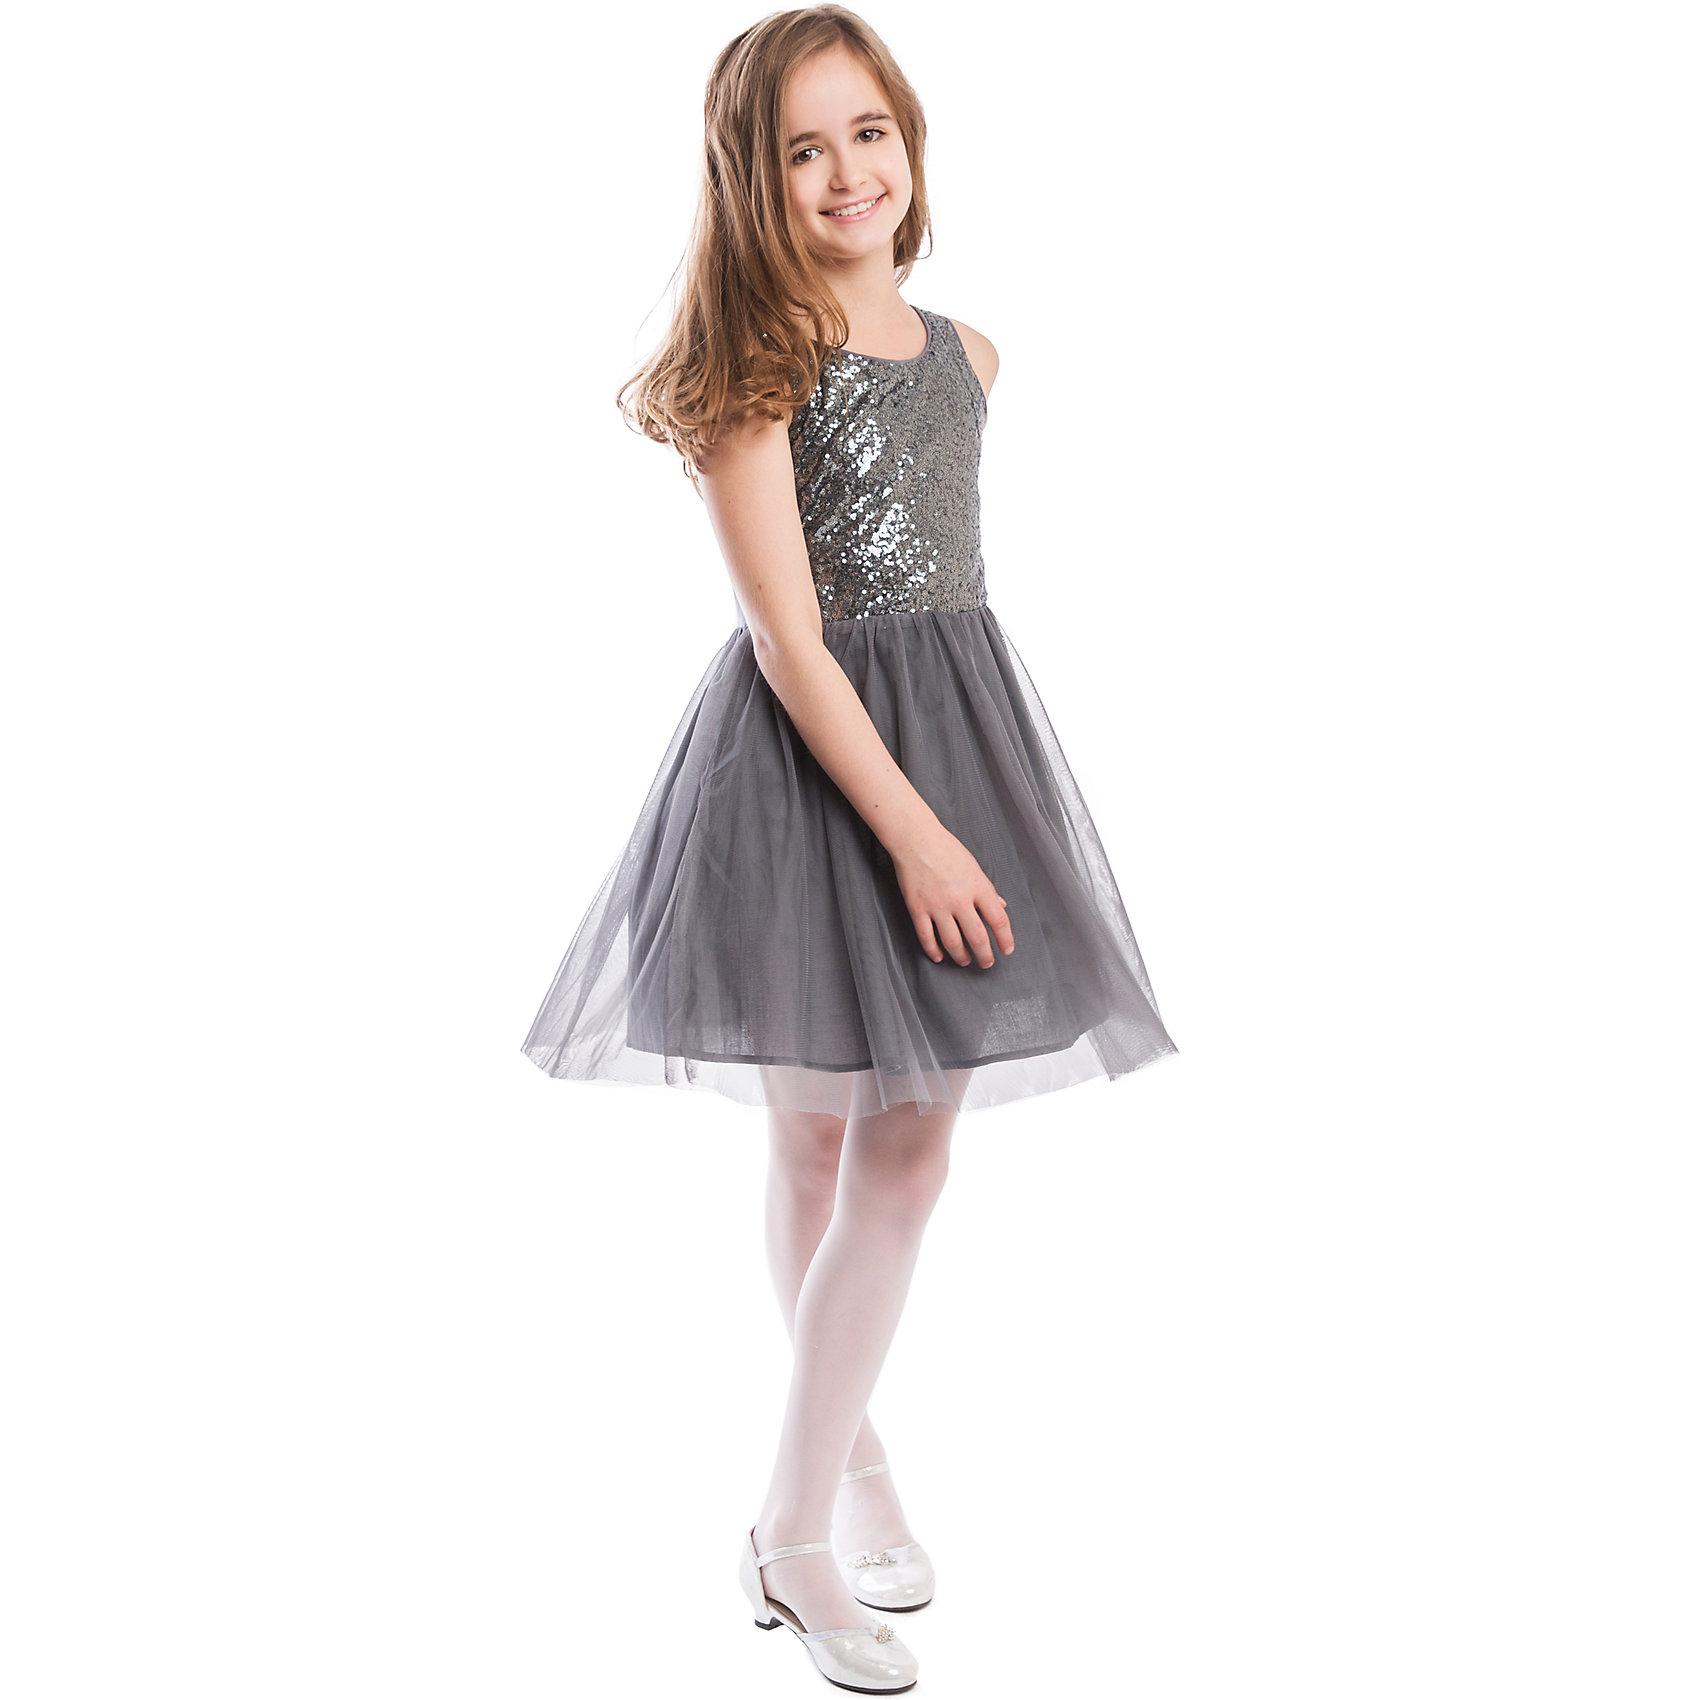 Нарядное платье ScoolОдежда<br>Нарядное платье Scool <br><br>Состав: <br>Верх: 66% вискоза, 29% полиэстер, 5% эластан, <br>Юбка: 100% полиэстер, <br>Подкладка: 100% хлопок <br><br>Серебристое платье с пайетками в стиле 70-х. <br>Стиль диско появился во времена открытия космоса, платья стали сверкать и переливаться, как звезды. <br>Платье без рукавов, ребенку не будет жарко, даже если ходить в нем целый день. <br>Внутри мягкая хлопковая подкладка.<br><br>Ширина мм: 236<br>Глубина мм: 16<br>Высота мм: 184<br>Вес г: 177<br>Цвет: серый<br>Возраст от месяцев: 156<br>Возраст до месяцев: 168<br>Пол: Женский<br>Возраст: Детский<br>Размер: 164,146,140,134,152,158<br>SKU: 4305481